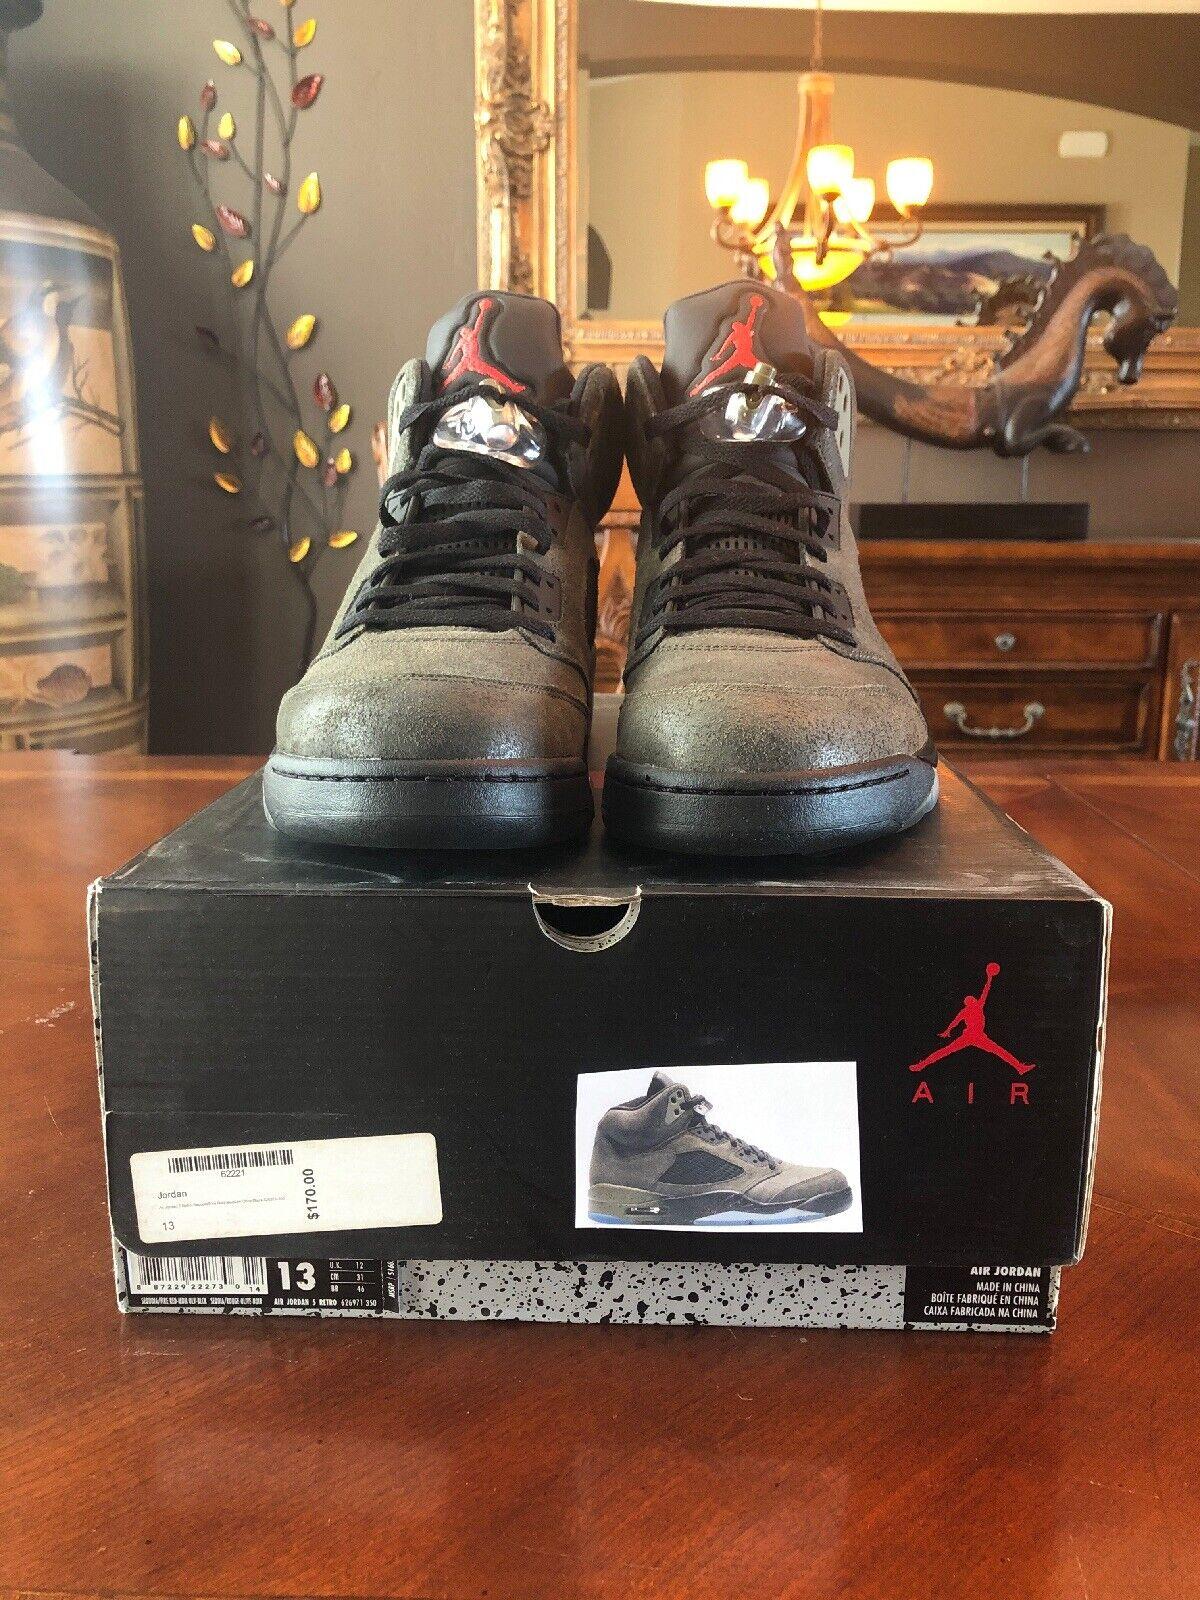 2013 Nike Air Jordan 5 V Retro Fear Size 13. 626971-350 1 2 3 4 6 VVVVNDS